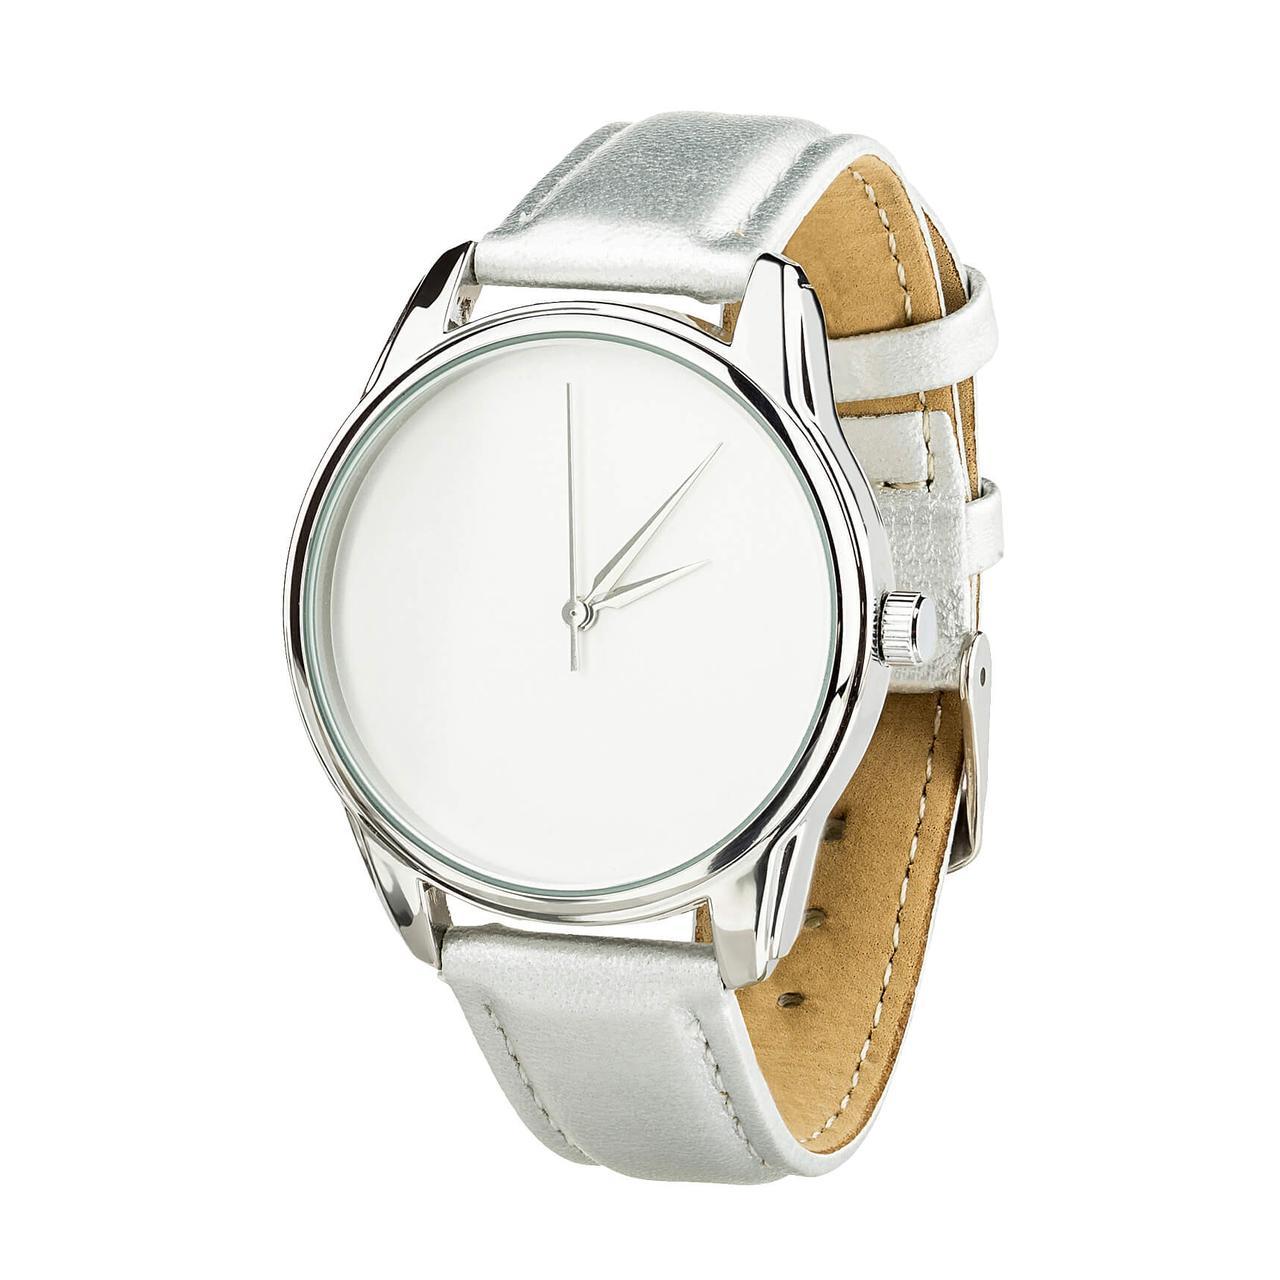 Годинник ZIZ Мінімалізм (ремінець металік, срібло) + додатковий ремінець